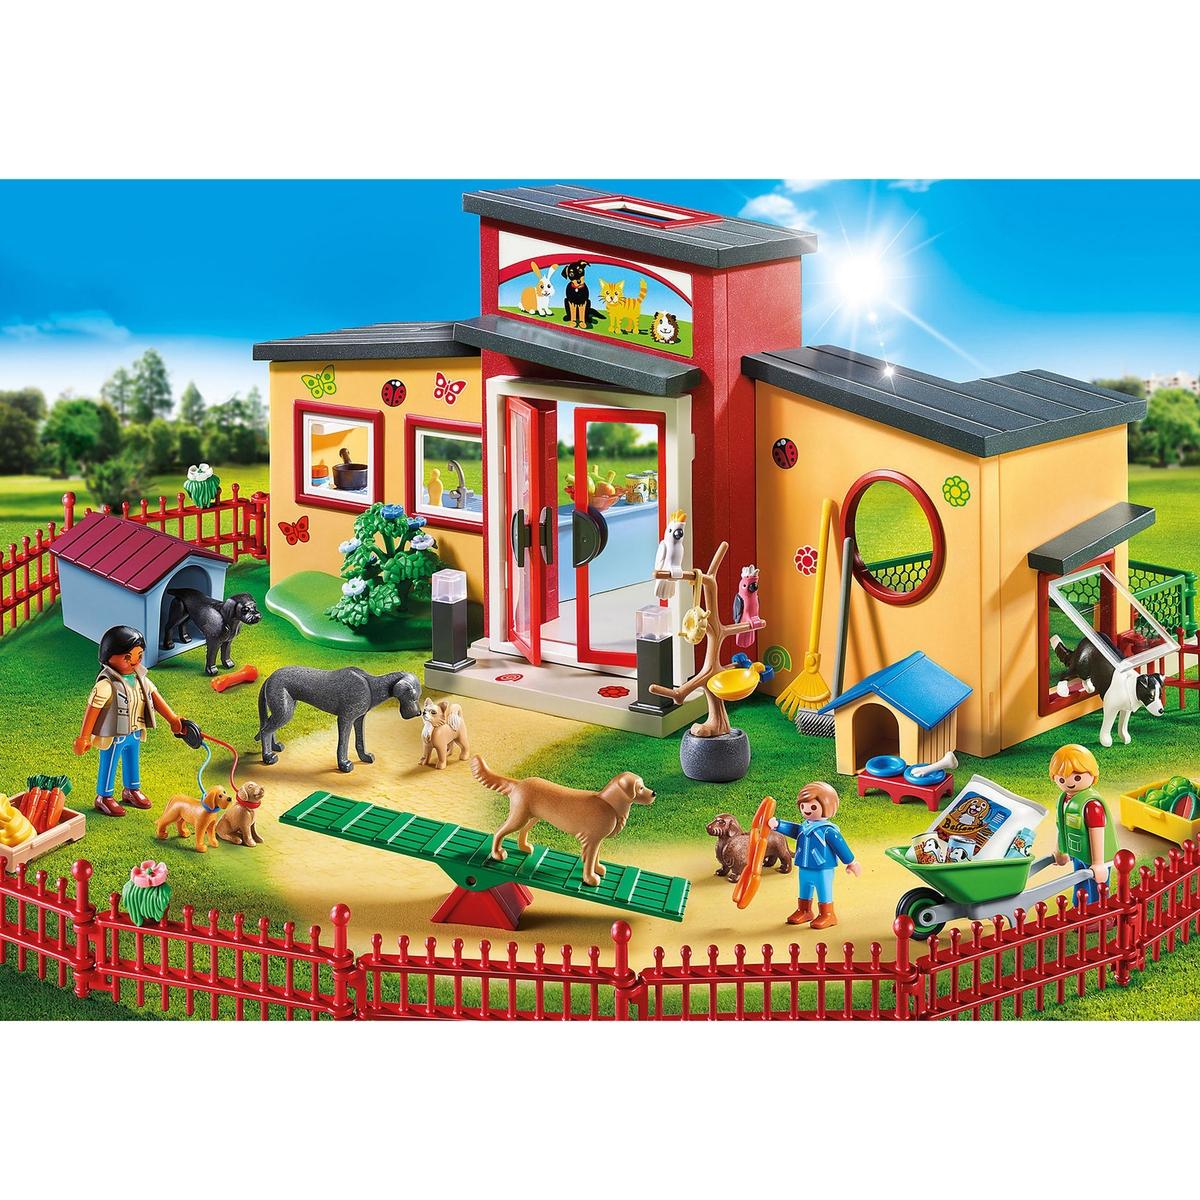 An image of Playmobil Tiny Paws Pet Hotel